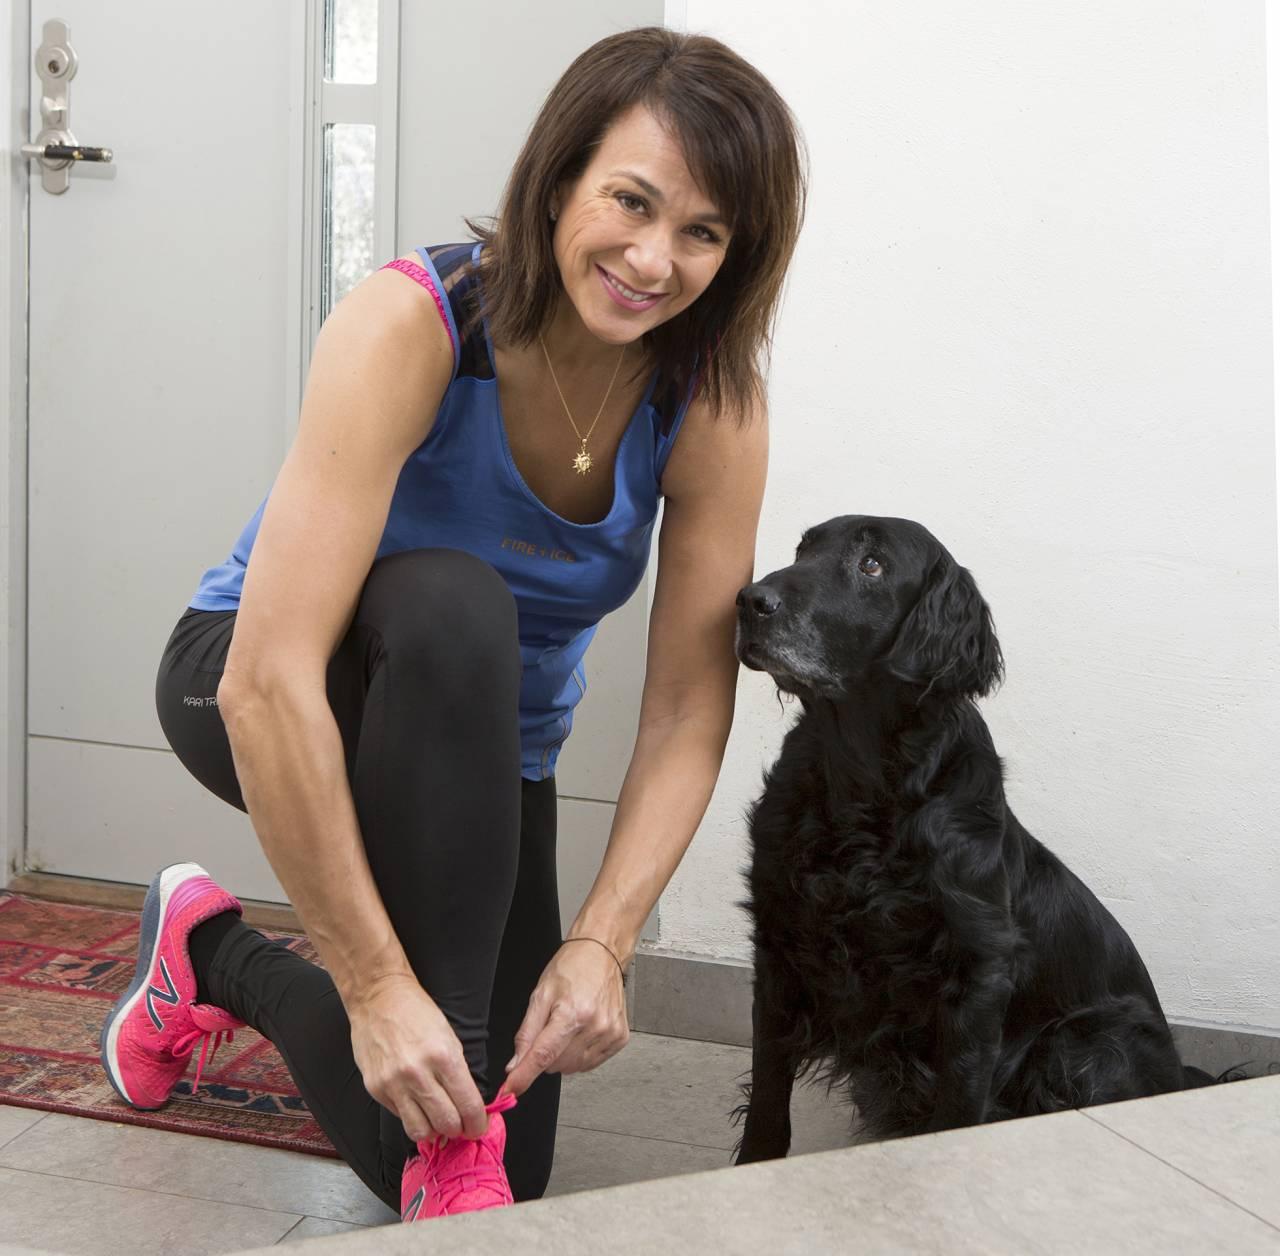 Alexandra Zazzi i träningskläder med sin hund